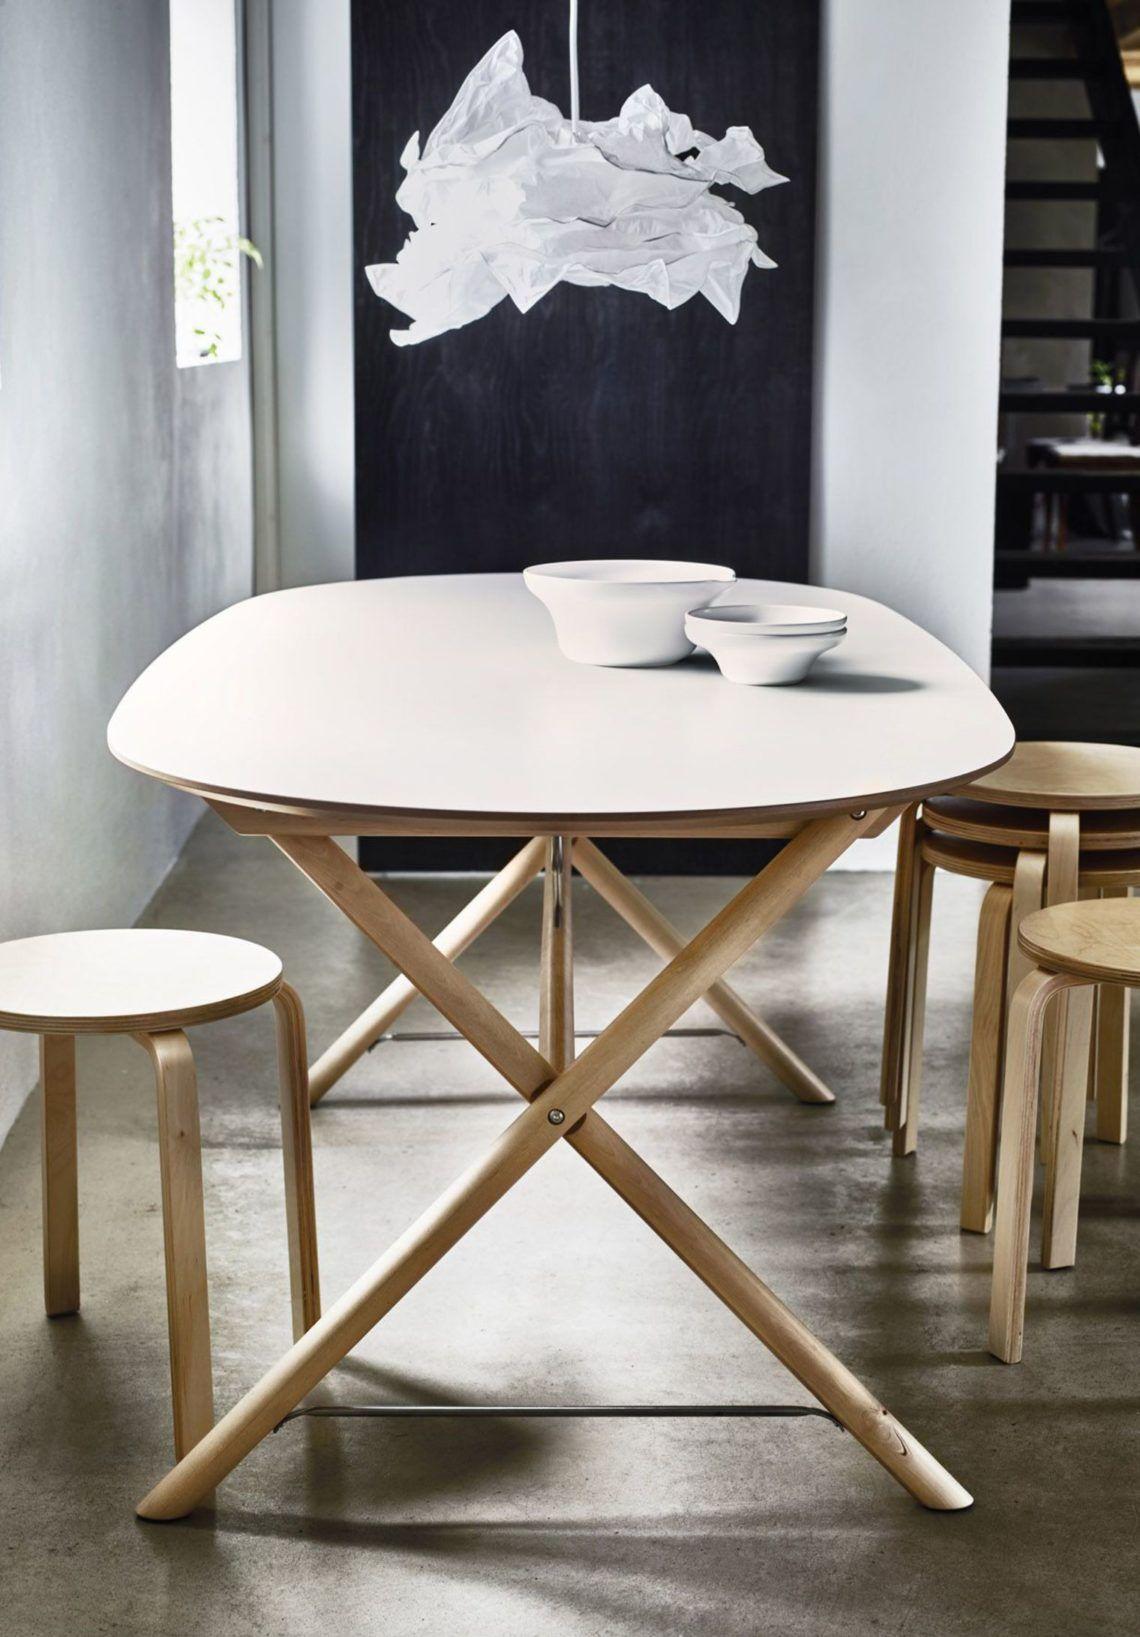 Tables Salle A Manger Ikea #6: Décoration De Maison Ikea Table Salle à Manger: A Manger Ovale Ikea Ikea  Table Salle